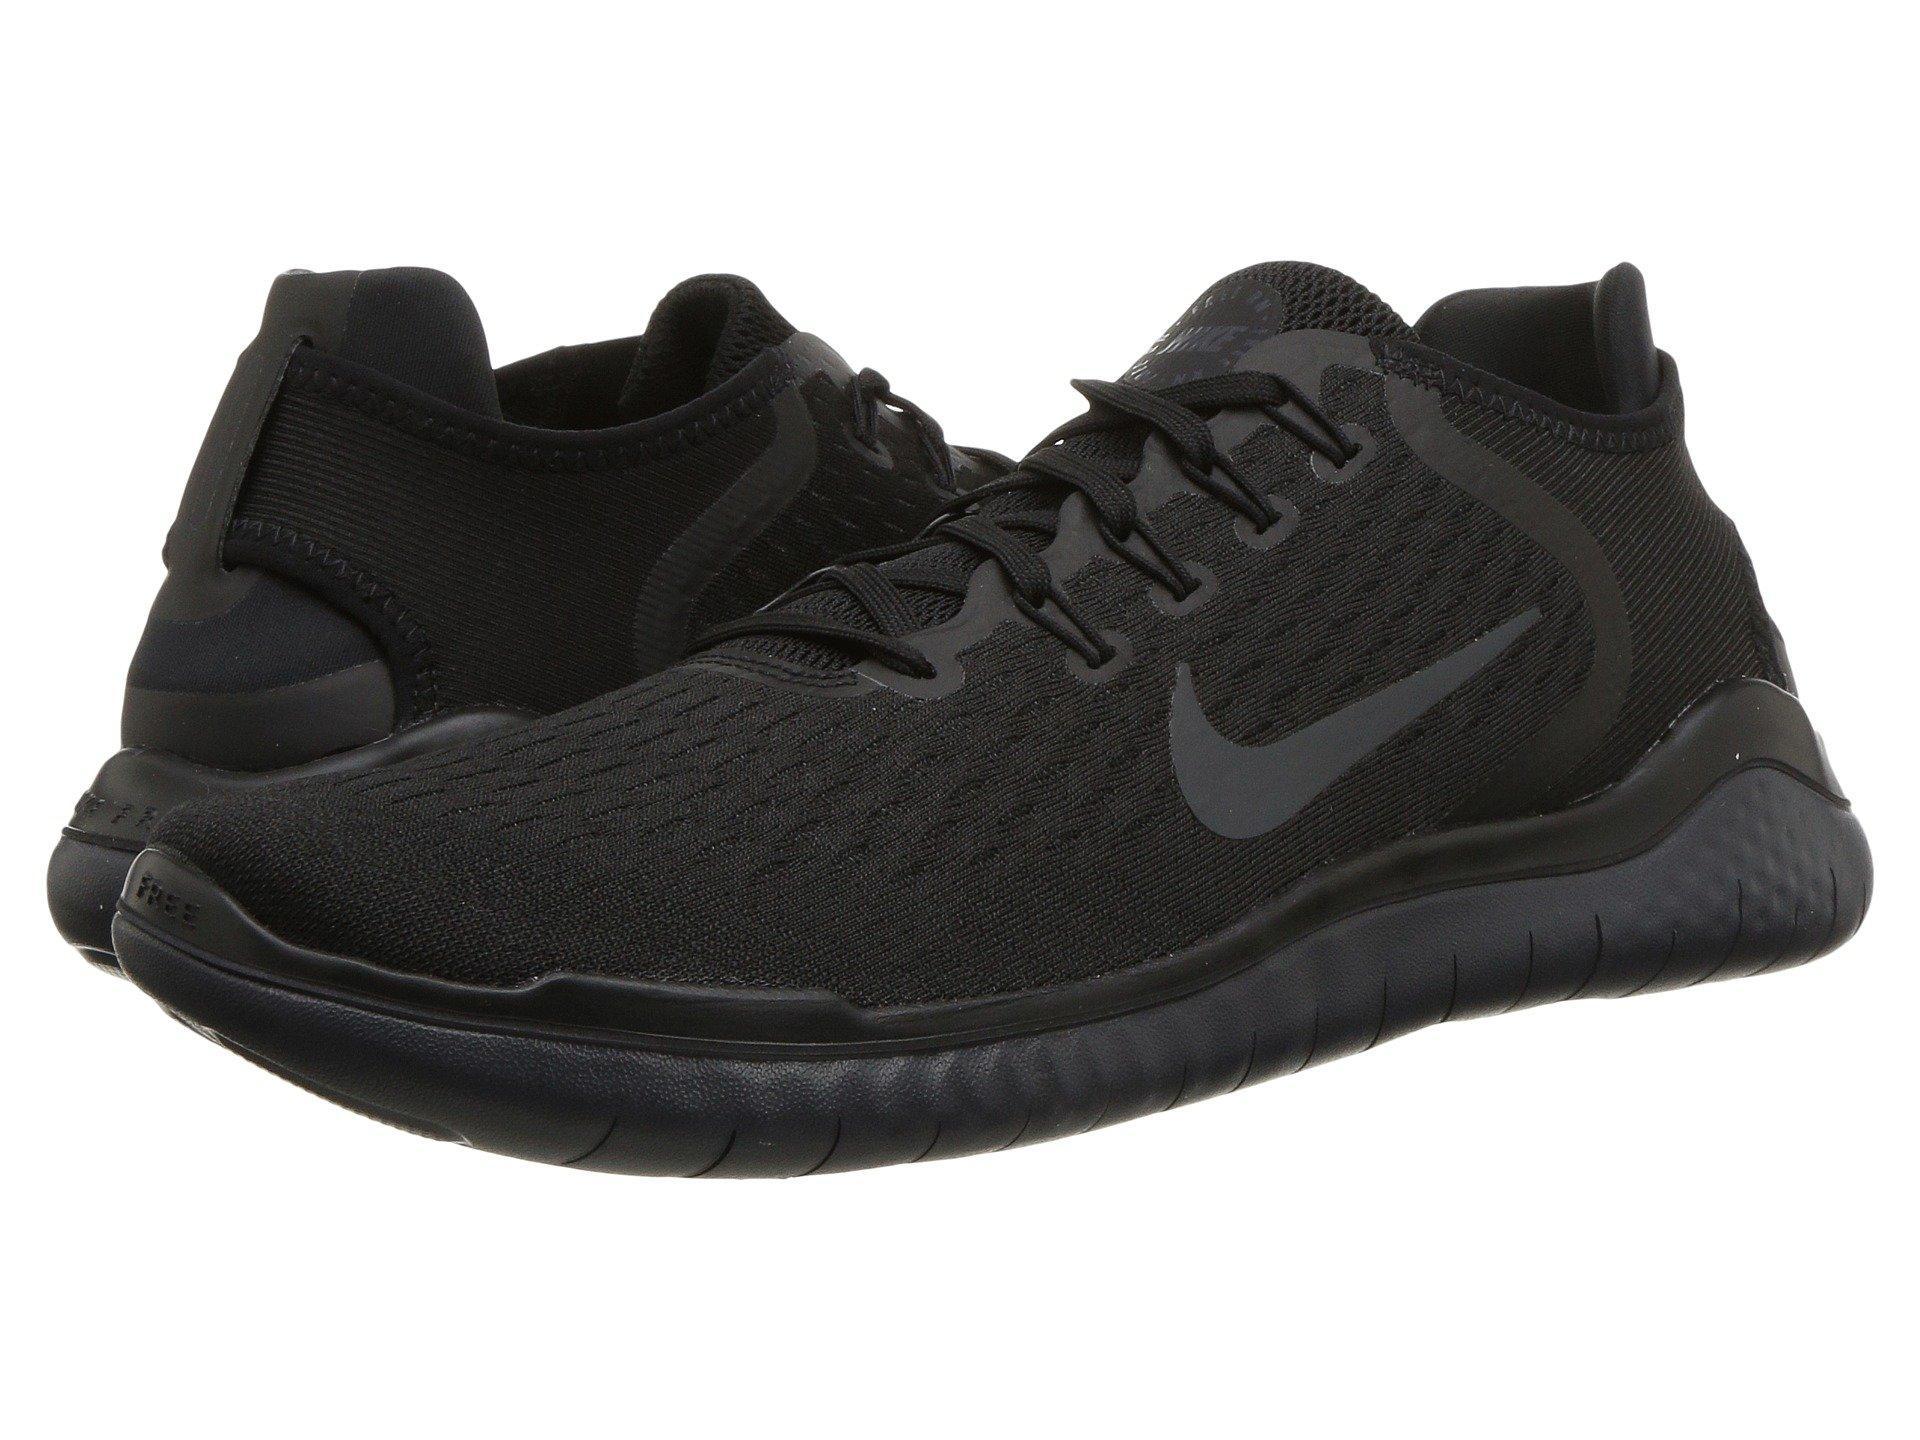 55c038912a021 Nike - Free Rn 2018 (black white) Men s Running Shoes for Men -. View  fullscreen